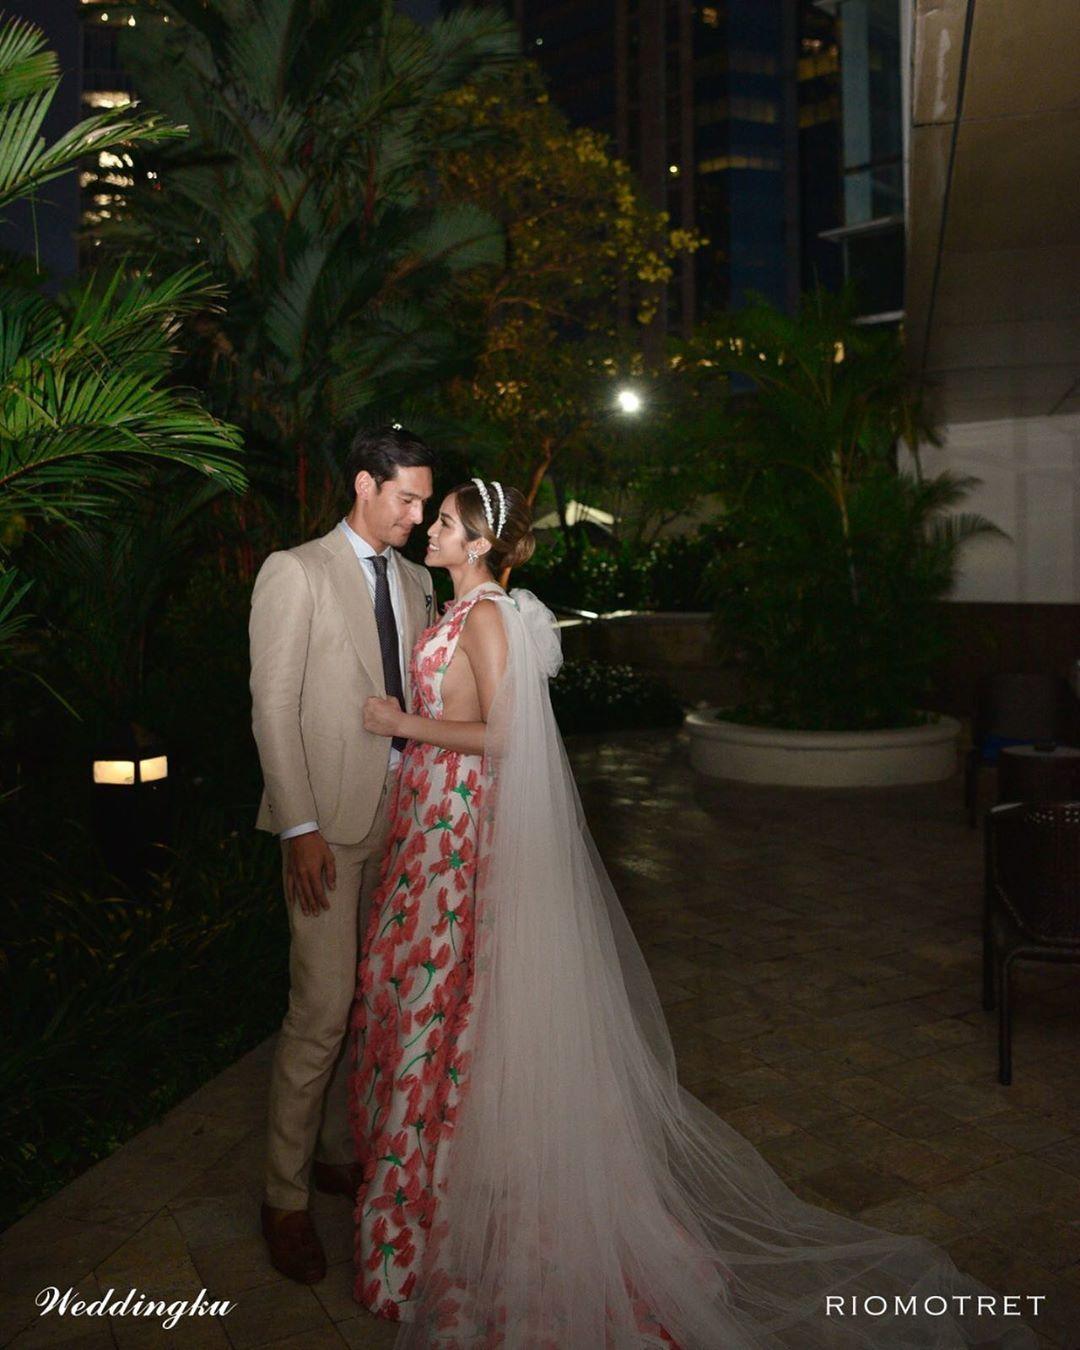 Tampil Menawan, Jessica Iskandar Pakai Gaun Super Mewah Saat Tunangan